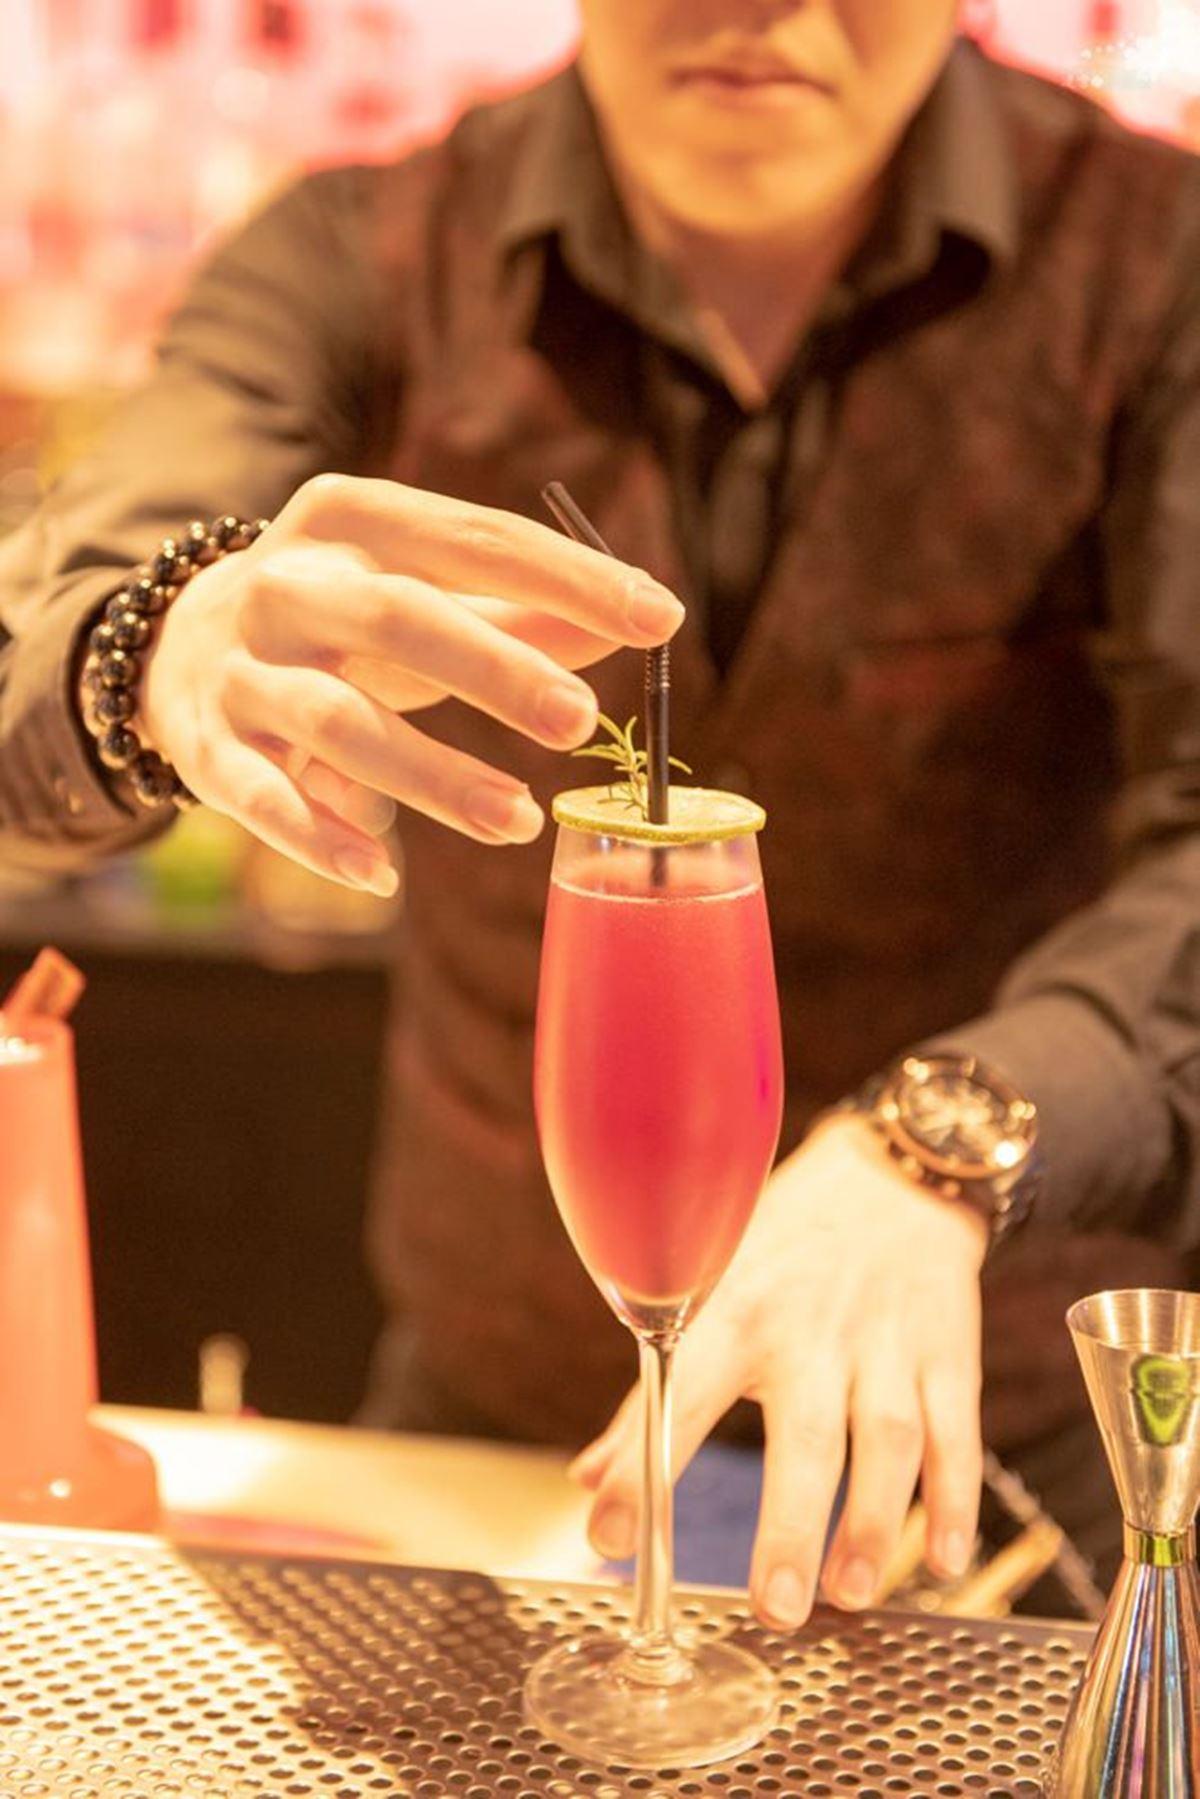 愈夜愈嗨!台北酒吧繽紛試管調酒超有哏,女孩必點液體蛋糕有濃濃焦糖香